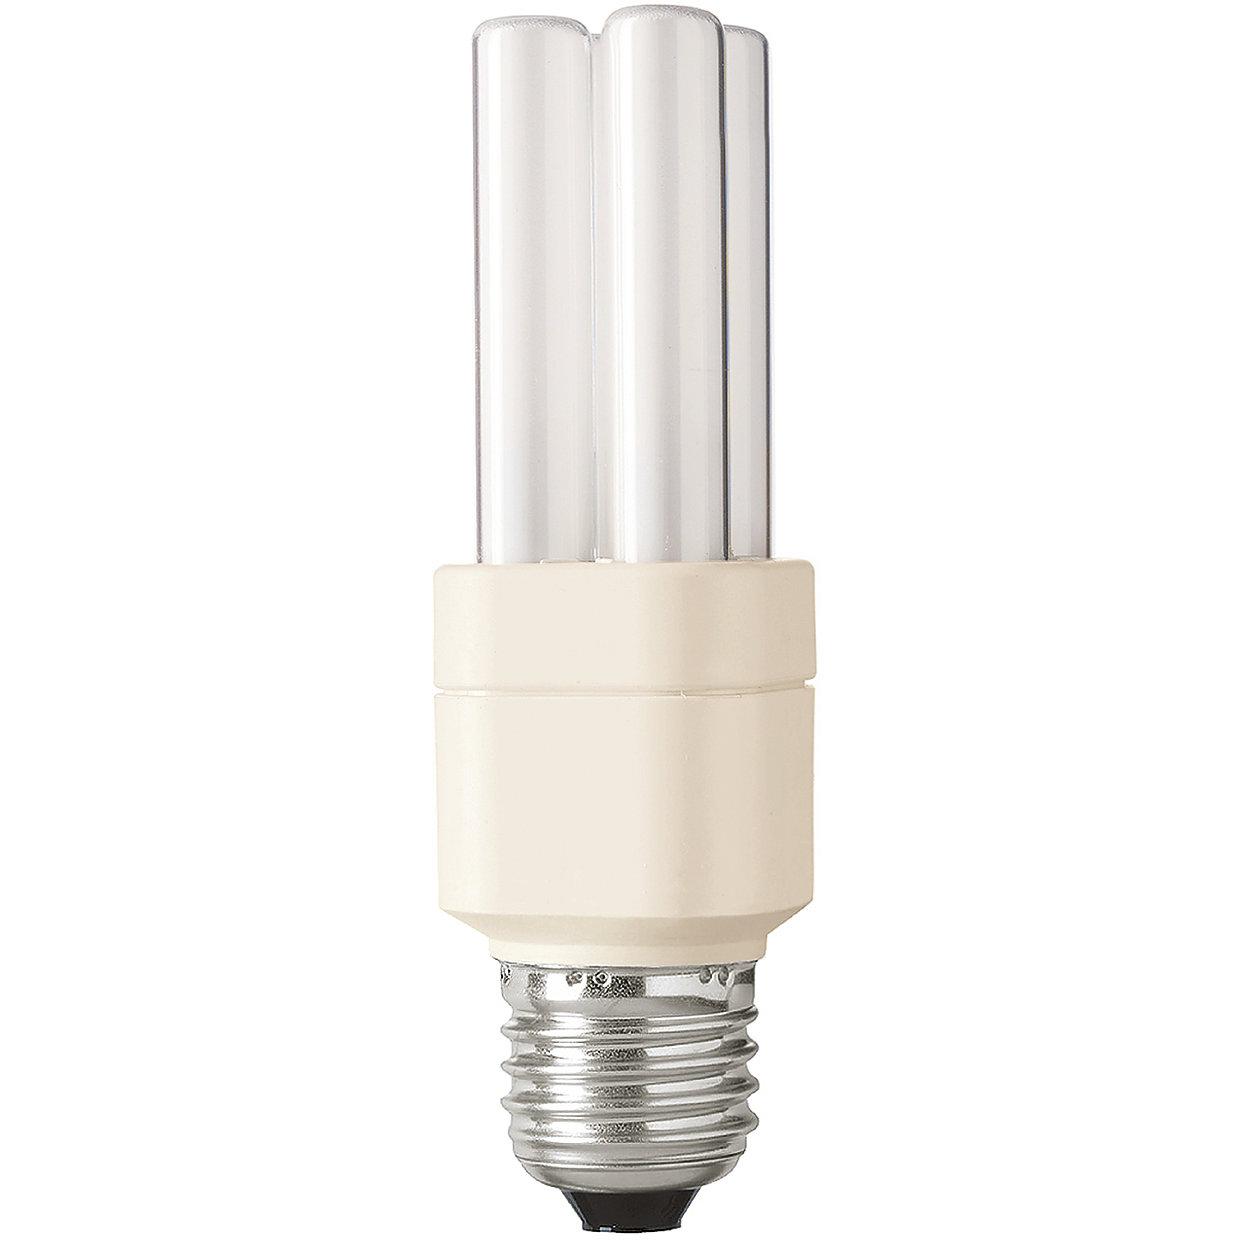 De professionele houding ten opzichte van energiebesparing in verlichting